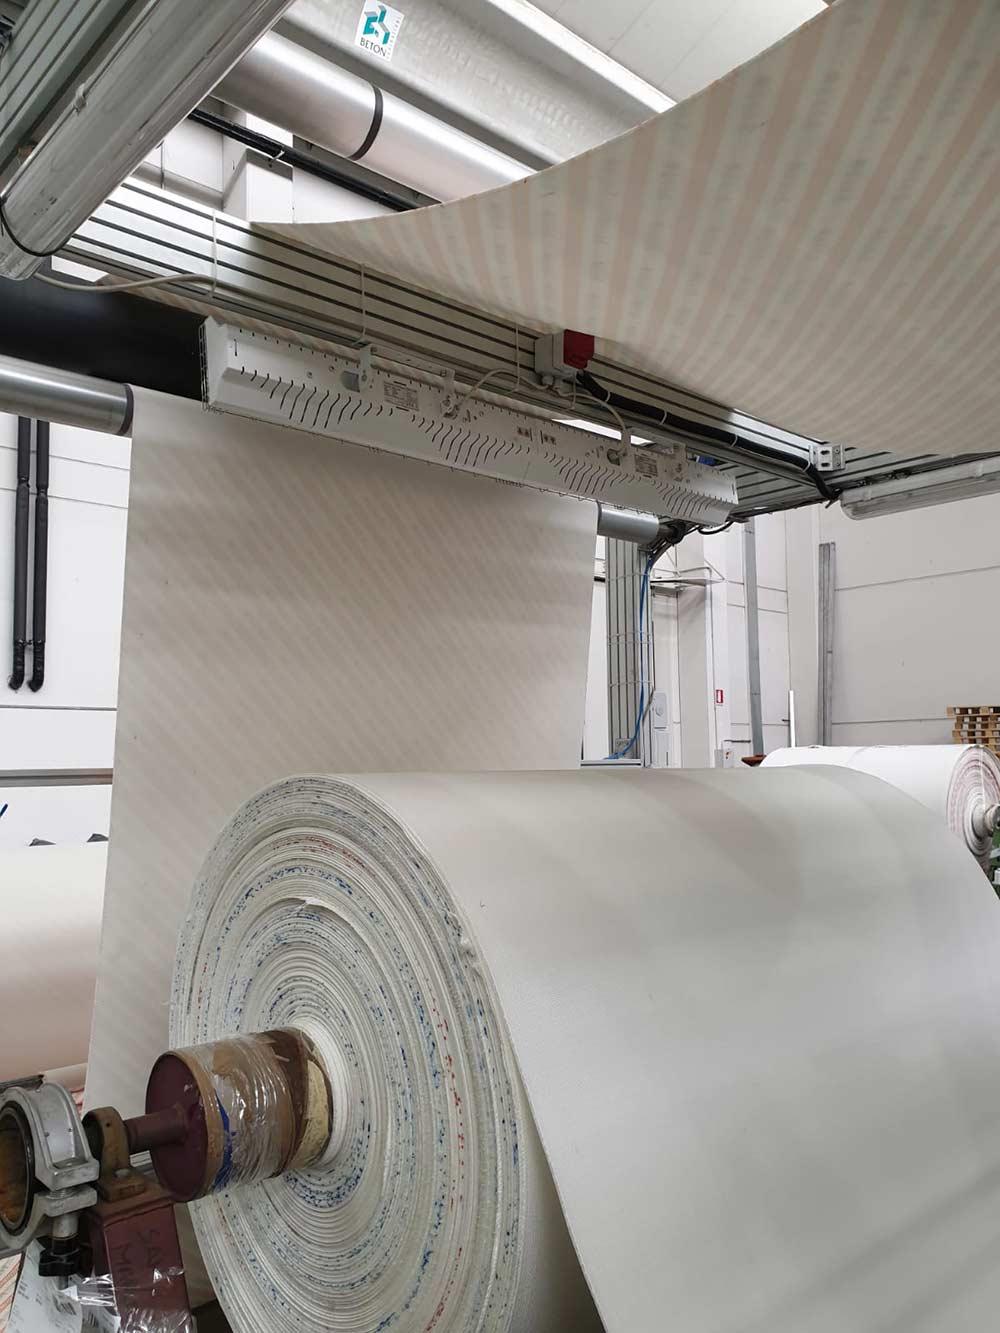 Processo produttivo di accoppiamento tra un tessuto non tessuto ed un film. Ottenuto con lampada infrarossi Grado Heaters GH-6000